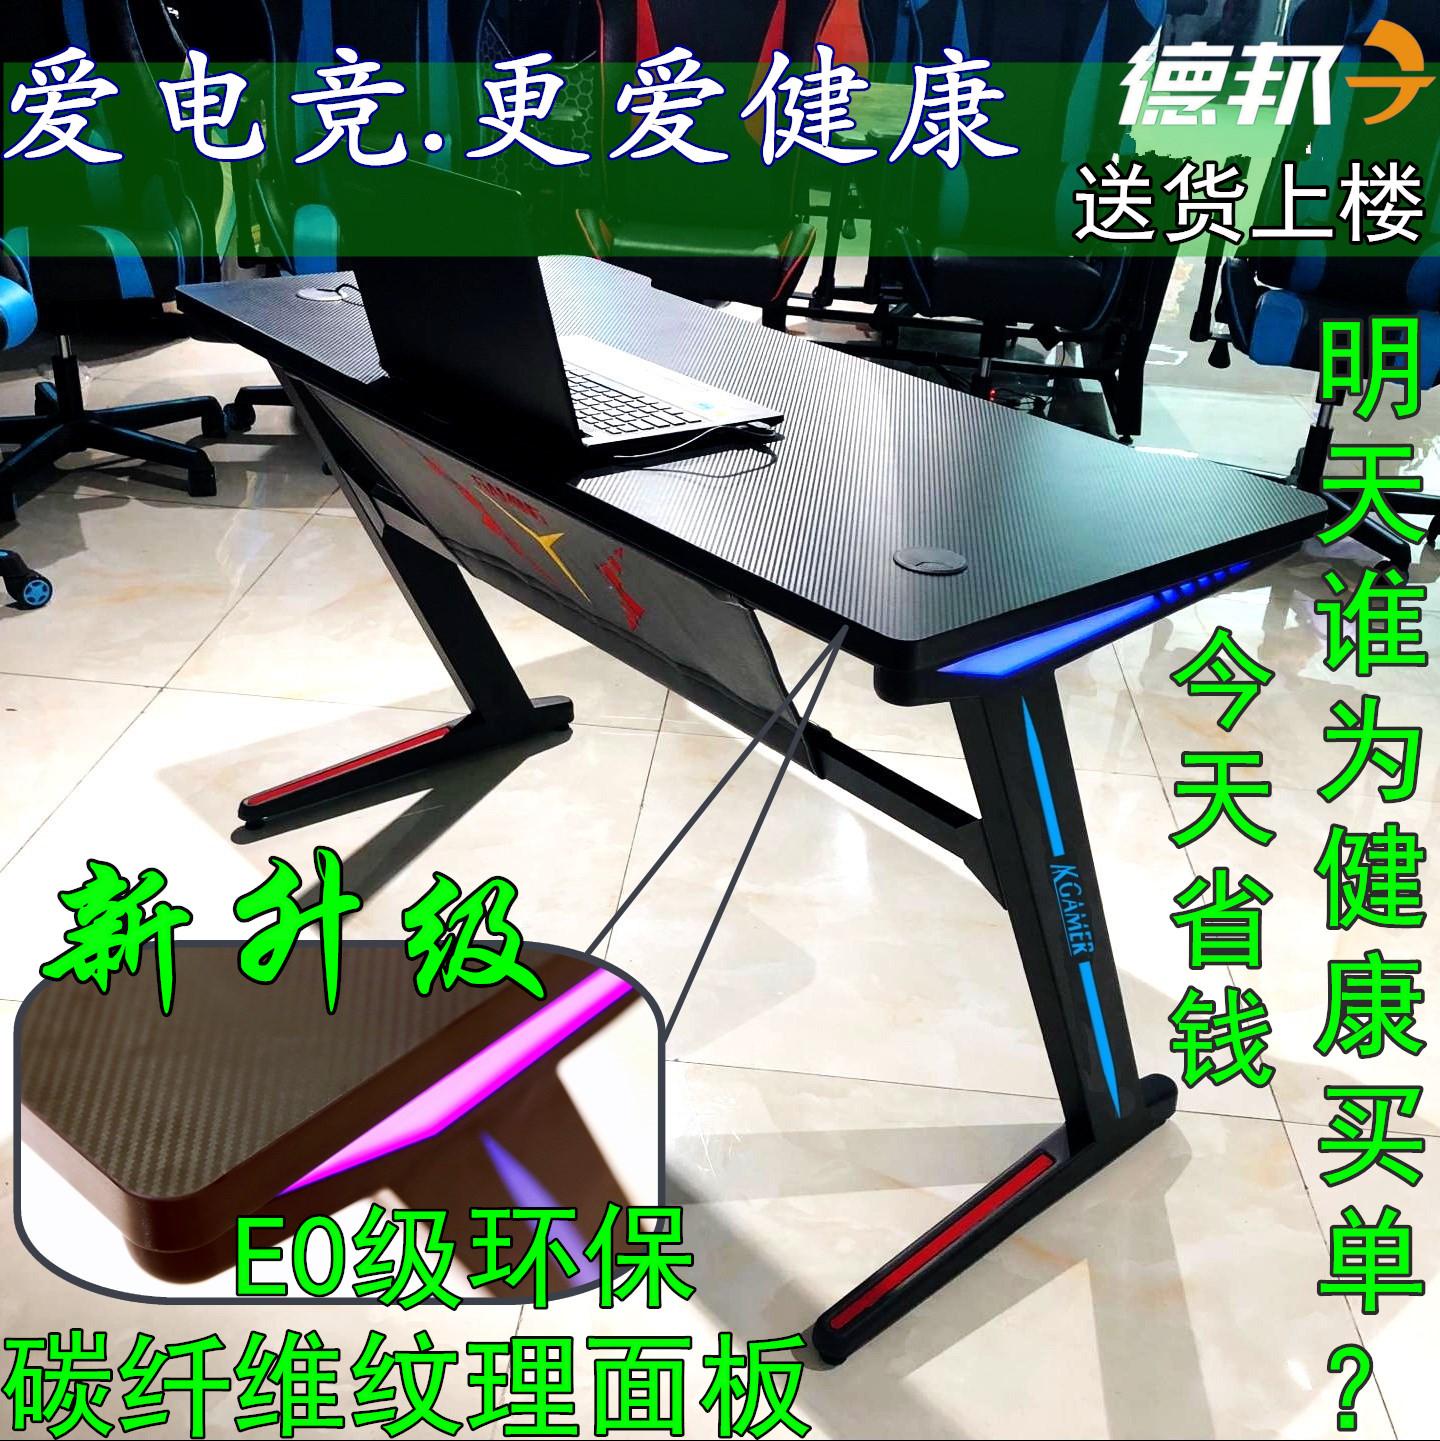 家用 环保 台式 单人 游戏 电脑桌 遥控 钢架 碳纤维